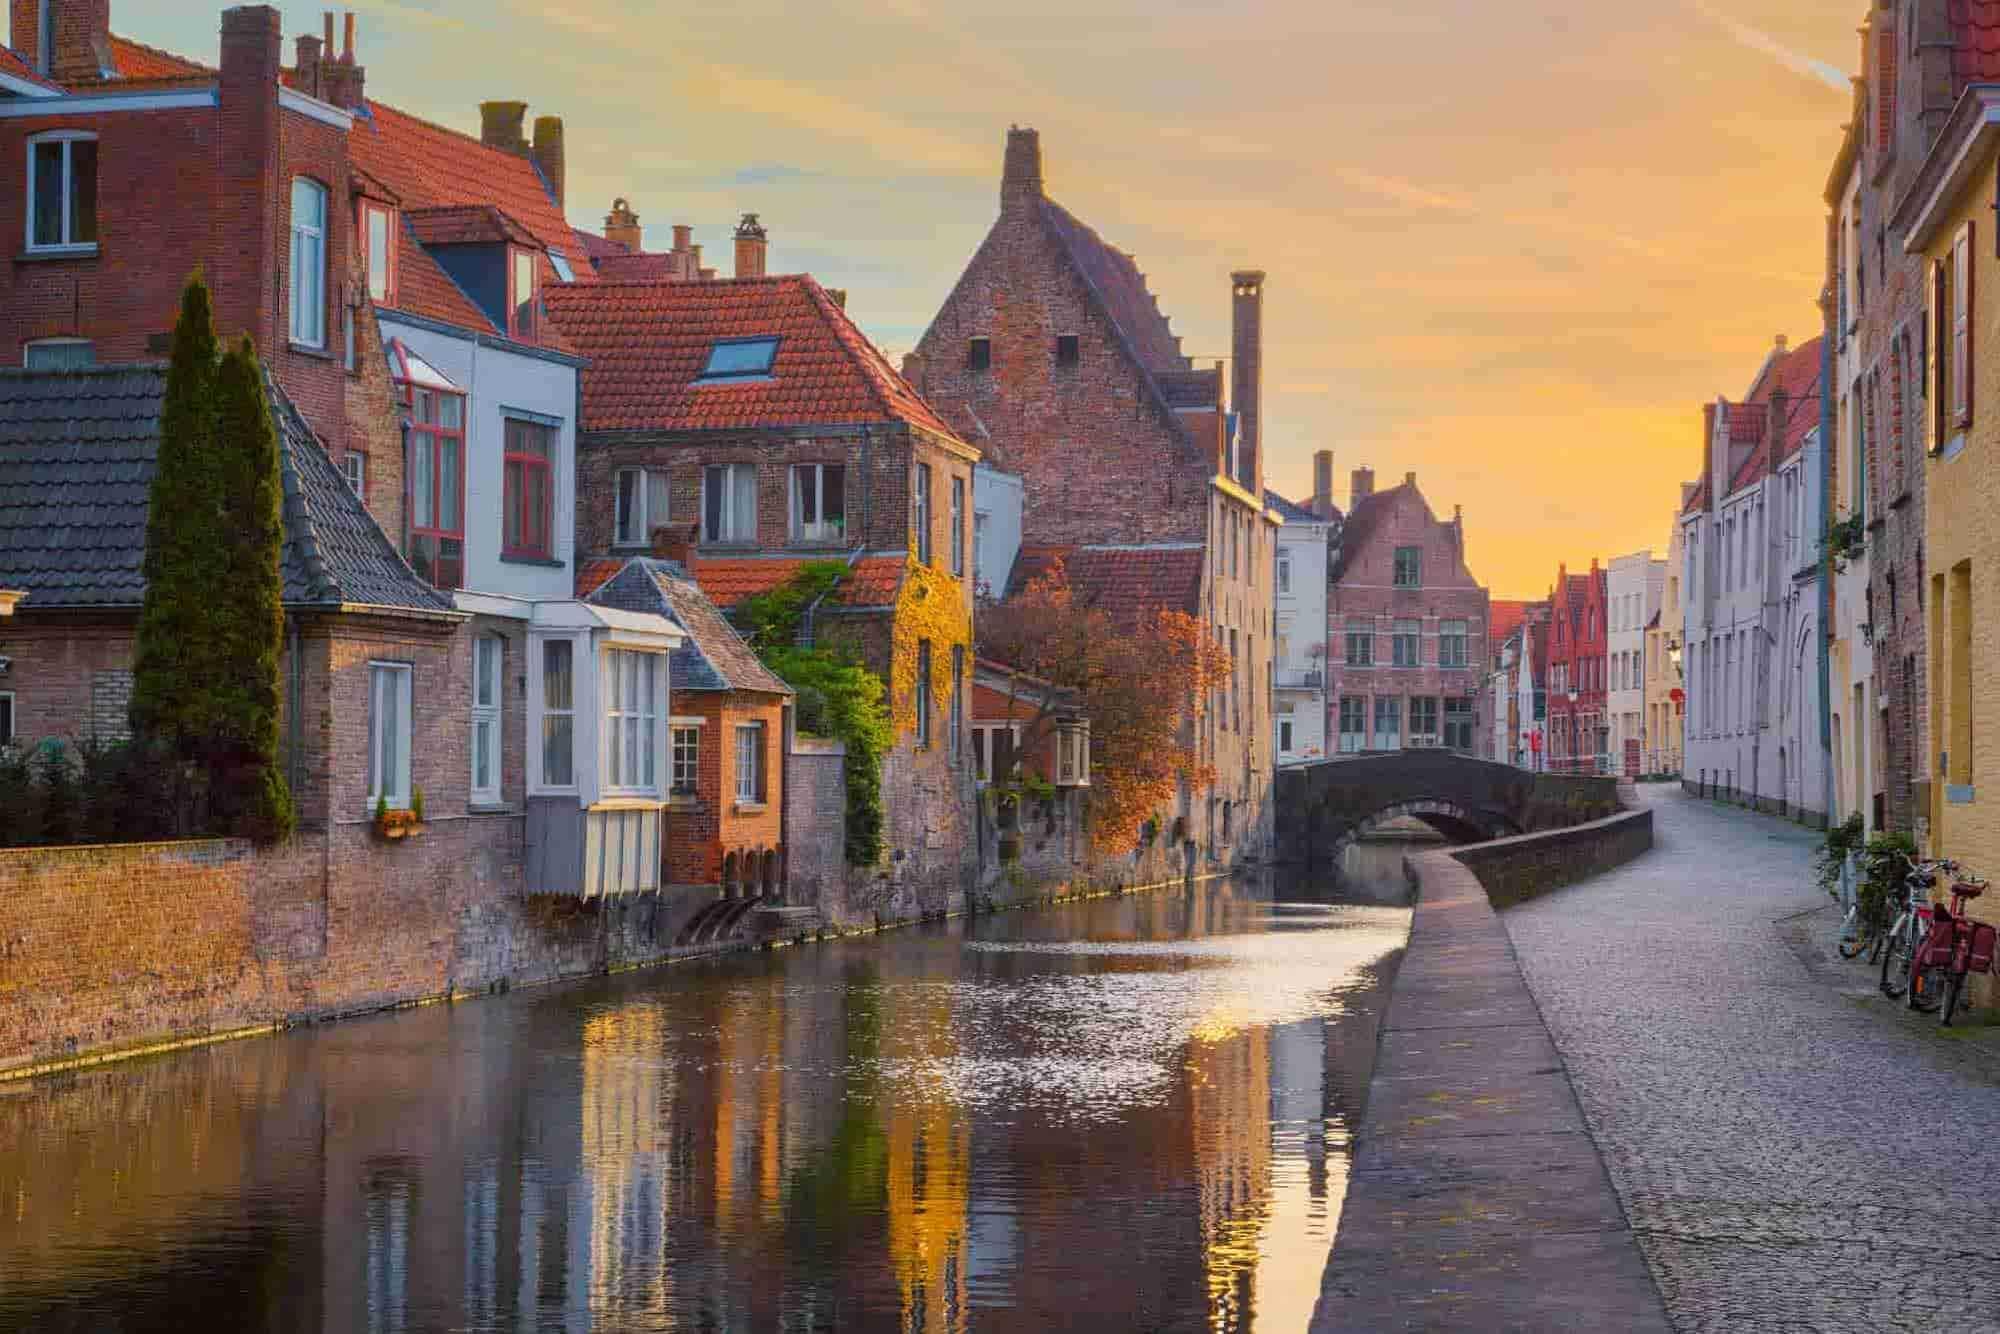 Sonnenuntergang in einer typischen Nachbarschaft findest Du auf einem Roadtrip nach Brüssel